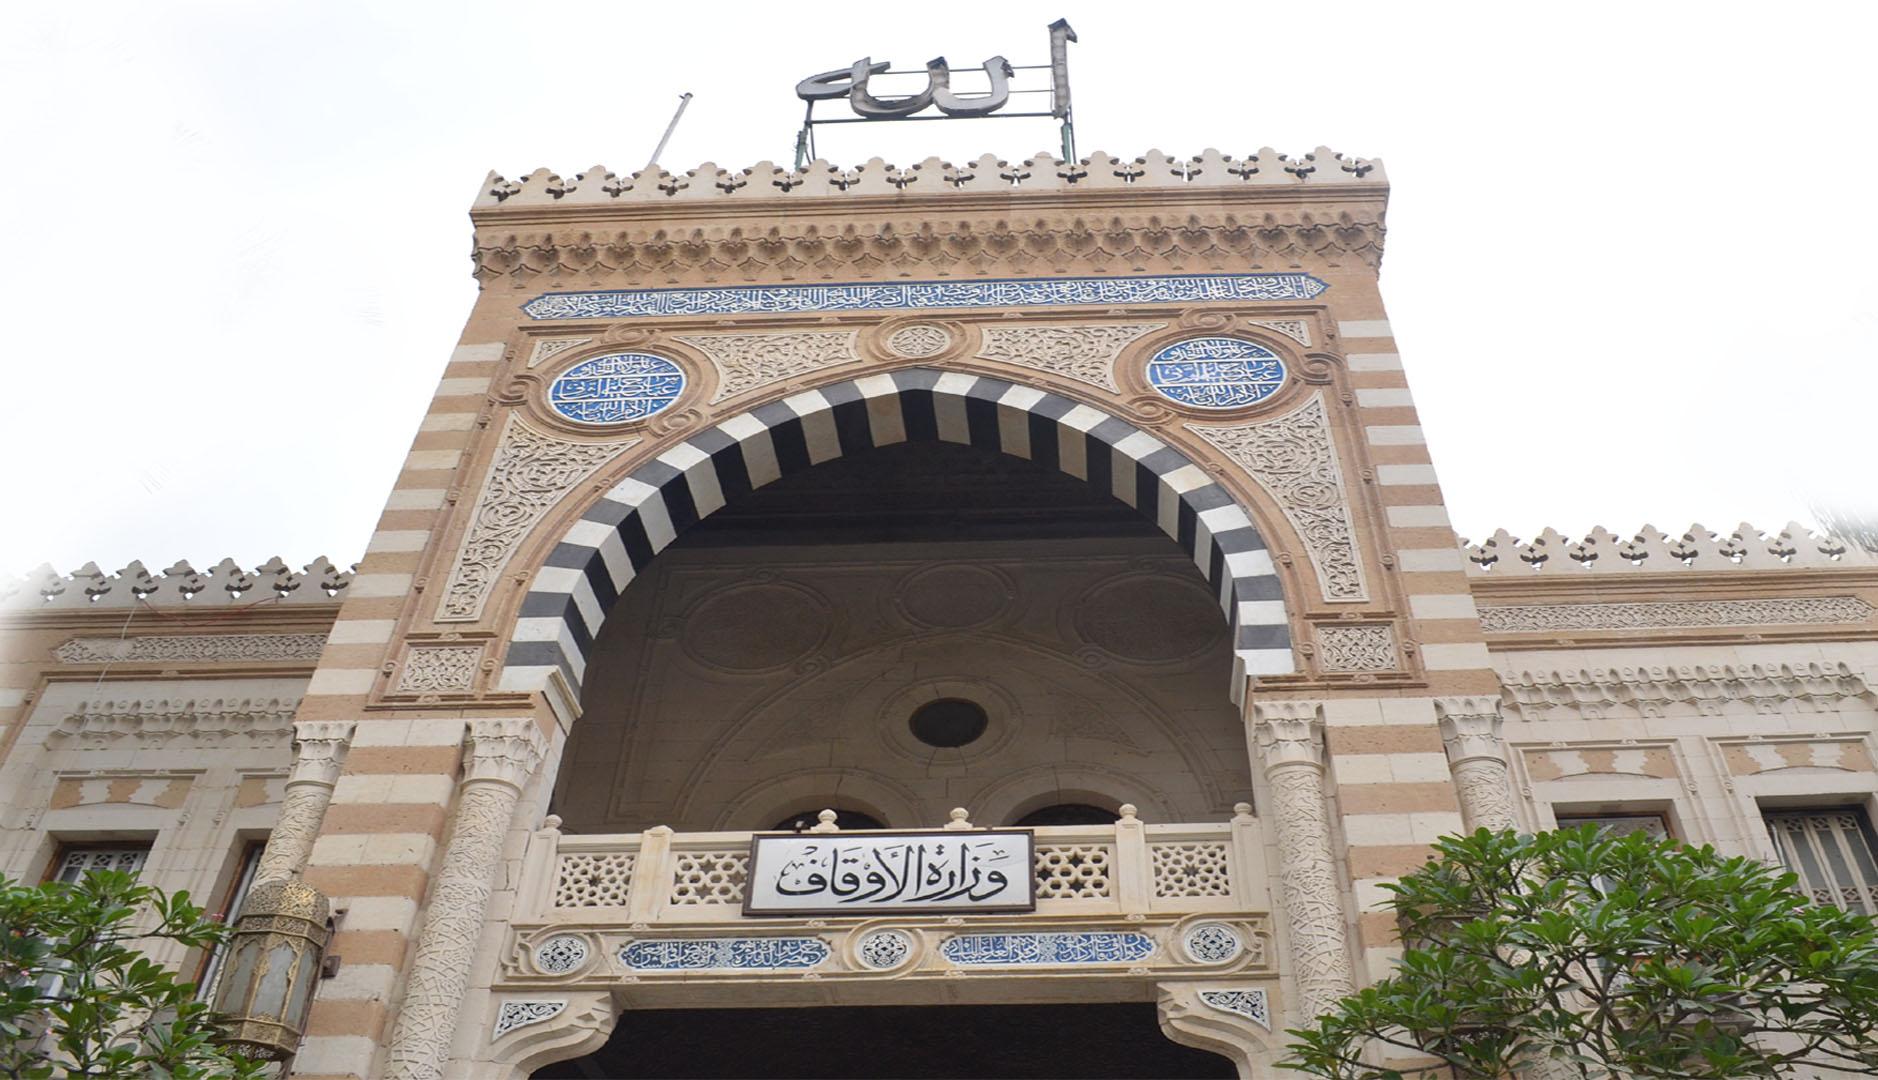 Photo of الأوقاف: فتح مركزين للثقافة الإسلامية بمحافظتي الإسكندرية ومطروح ، للعام الدراسي ٢٠٢٠ / ٢٠٢١م